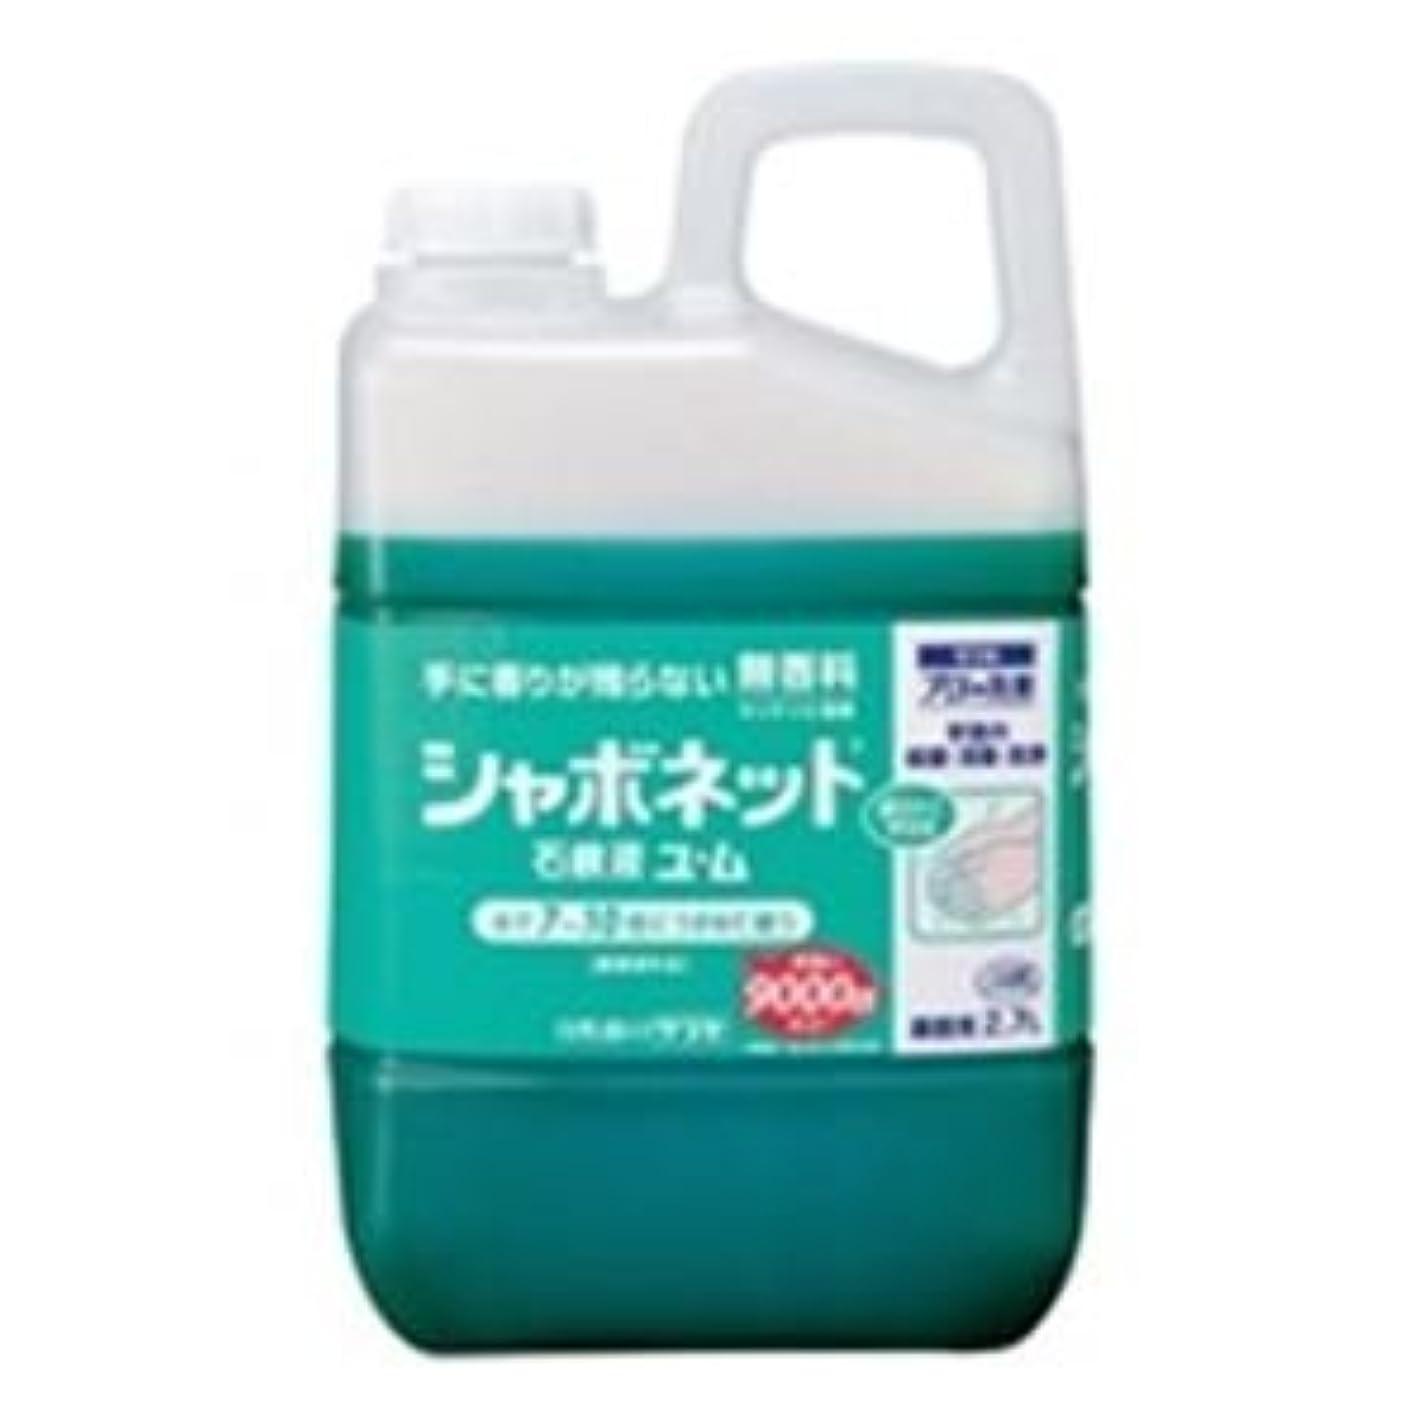 失大きさ楽しませる( お徳用 5セット ) 東京サラヤ シャボネット 石鹸液ユ?ム 2.7L